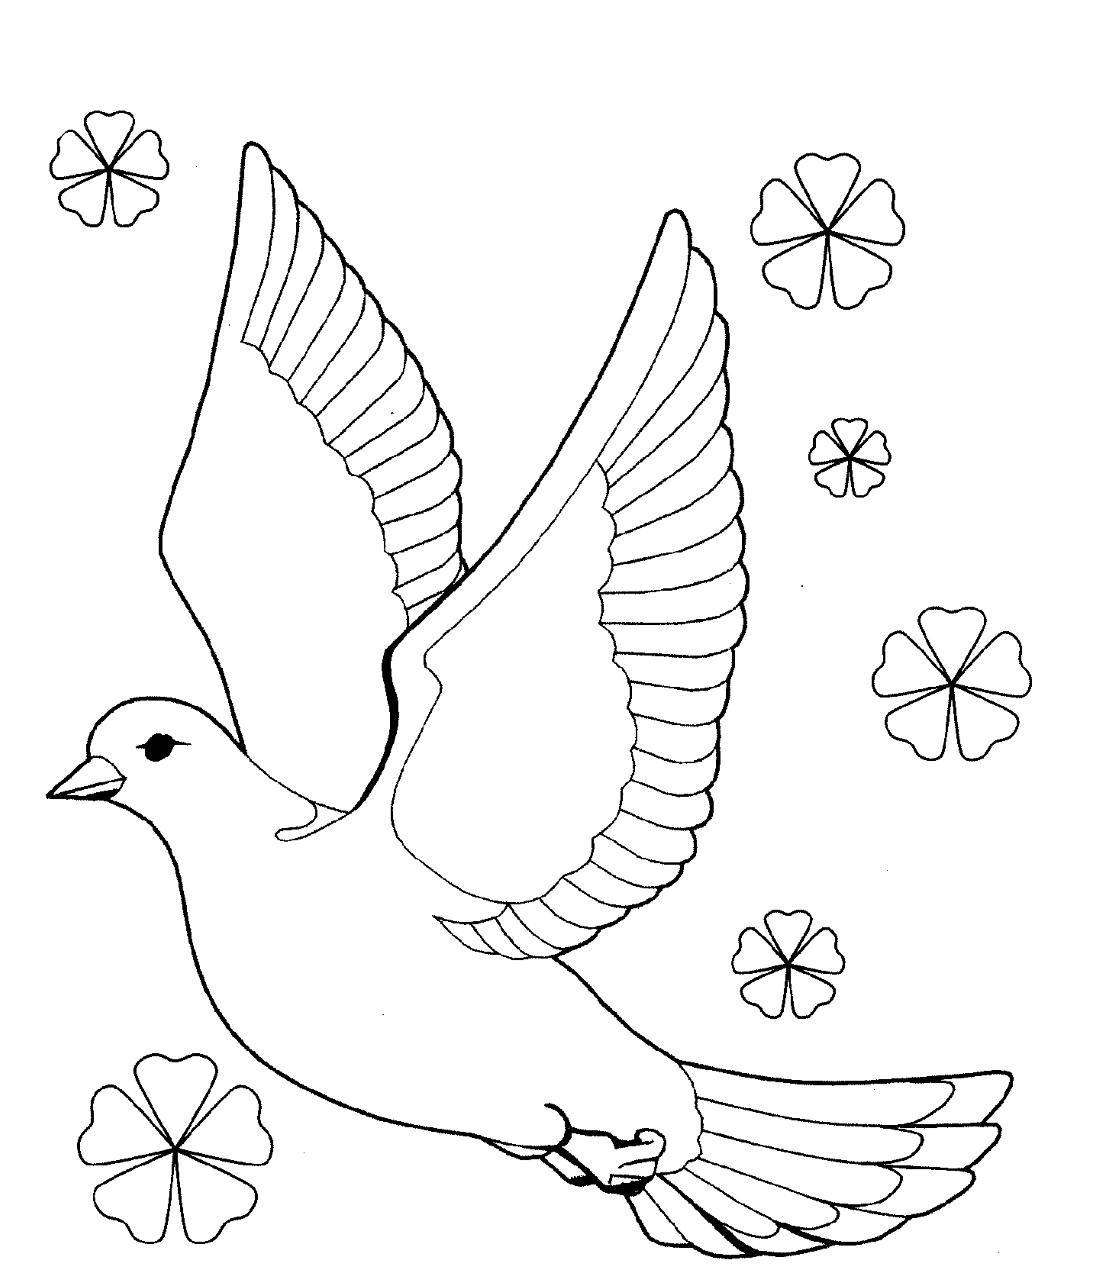 Картинки раскраски с голубями